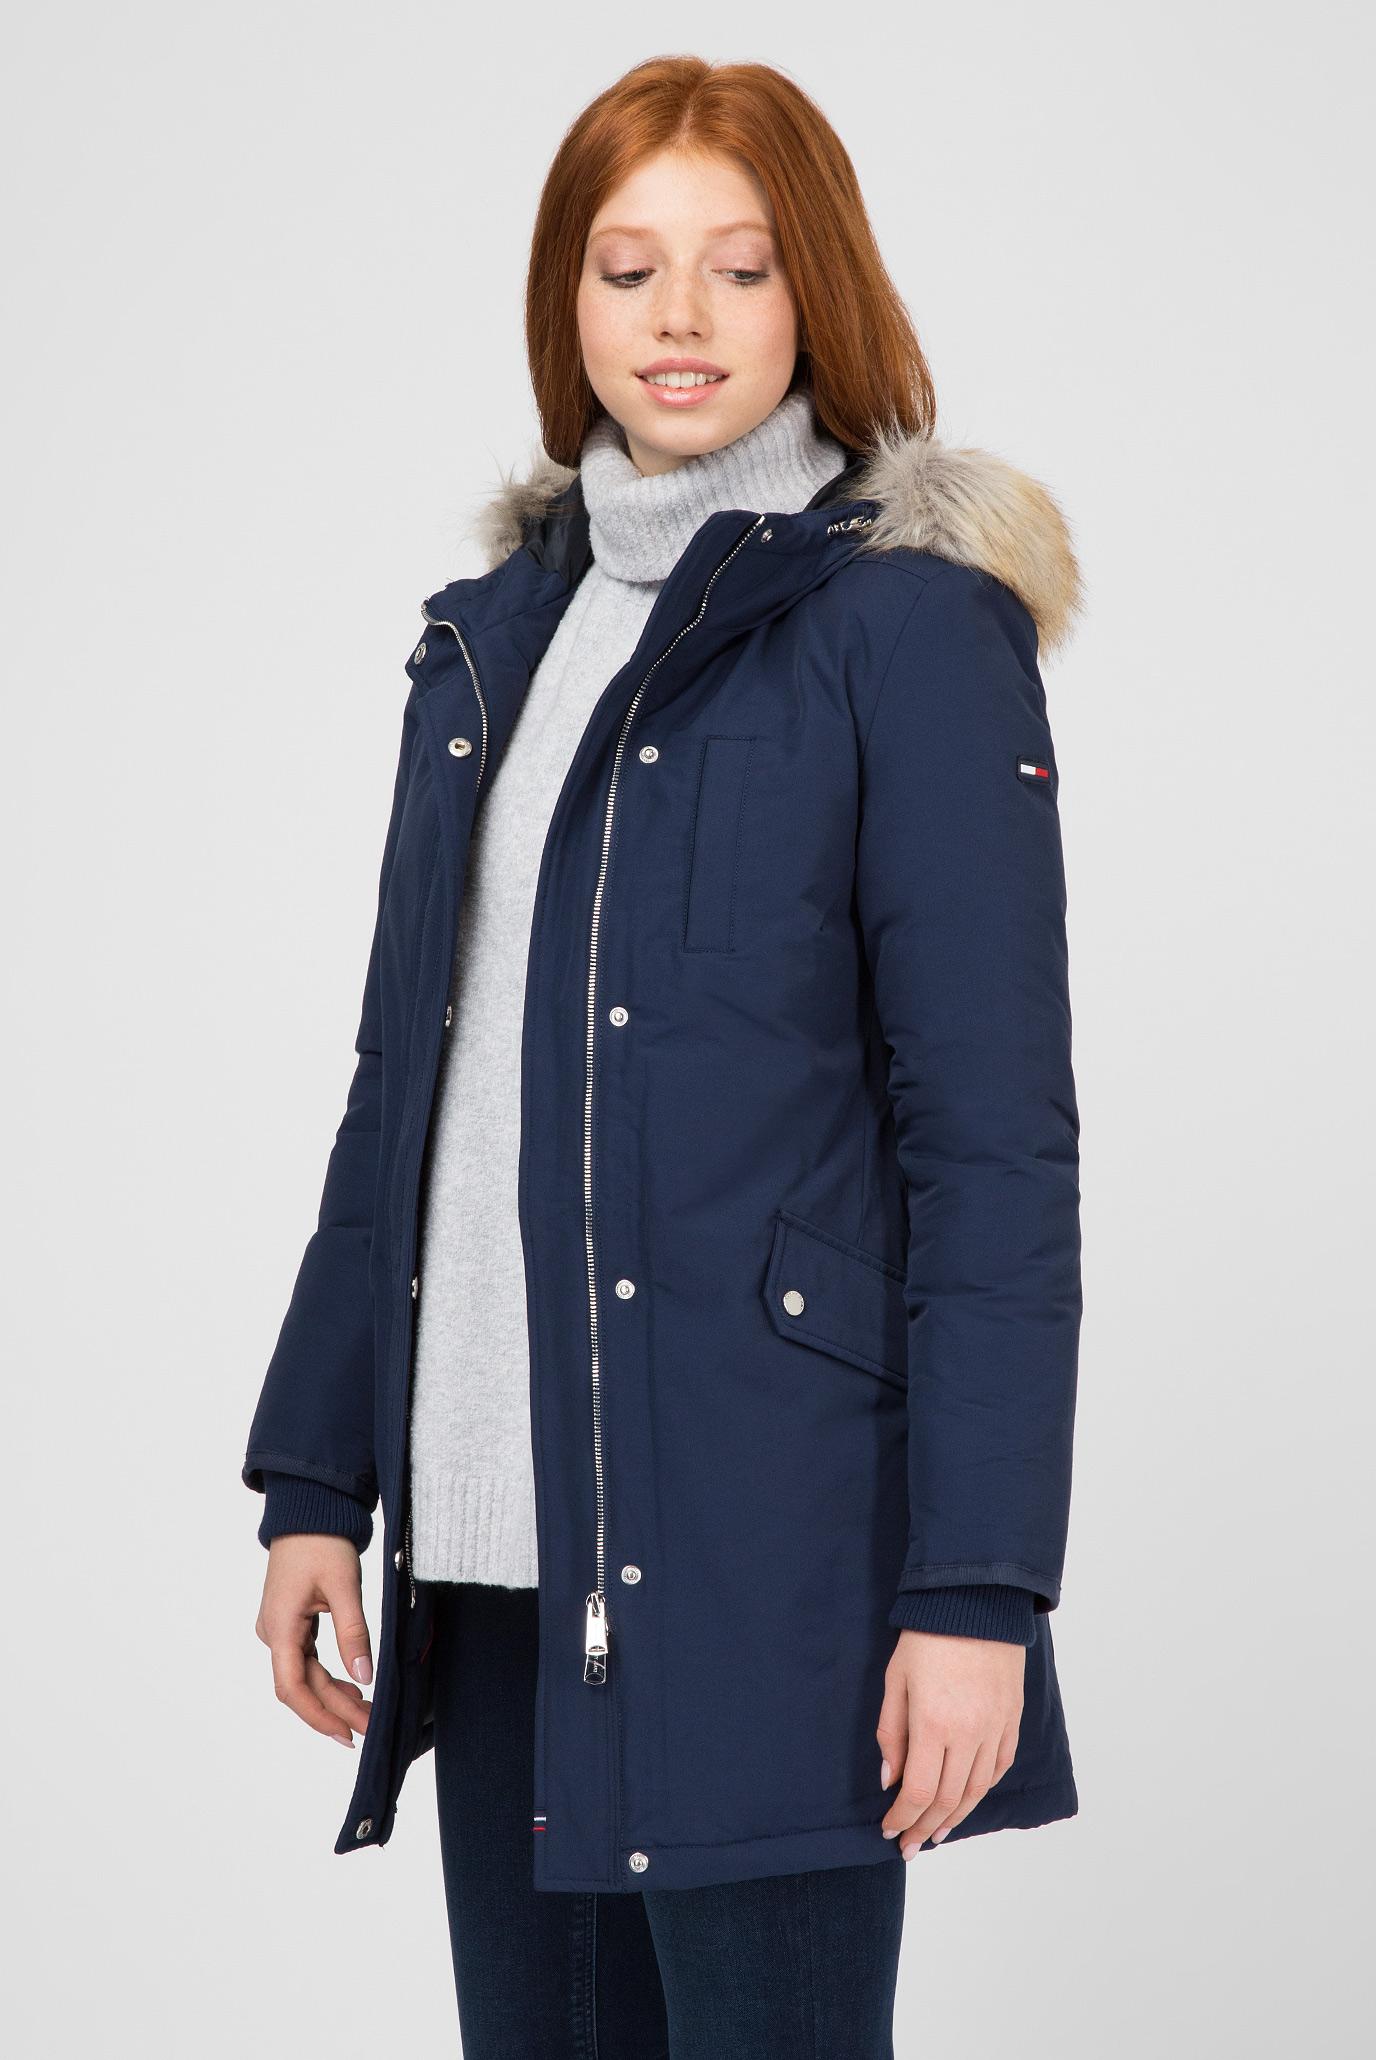 Купить Женская синяя пуховая парка Tommy Hilfiger Tommy Hilfiger DW0DW05165 – Киев, Украина. Цены в интернет магазине MD Fashion